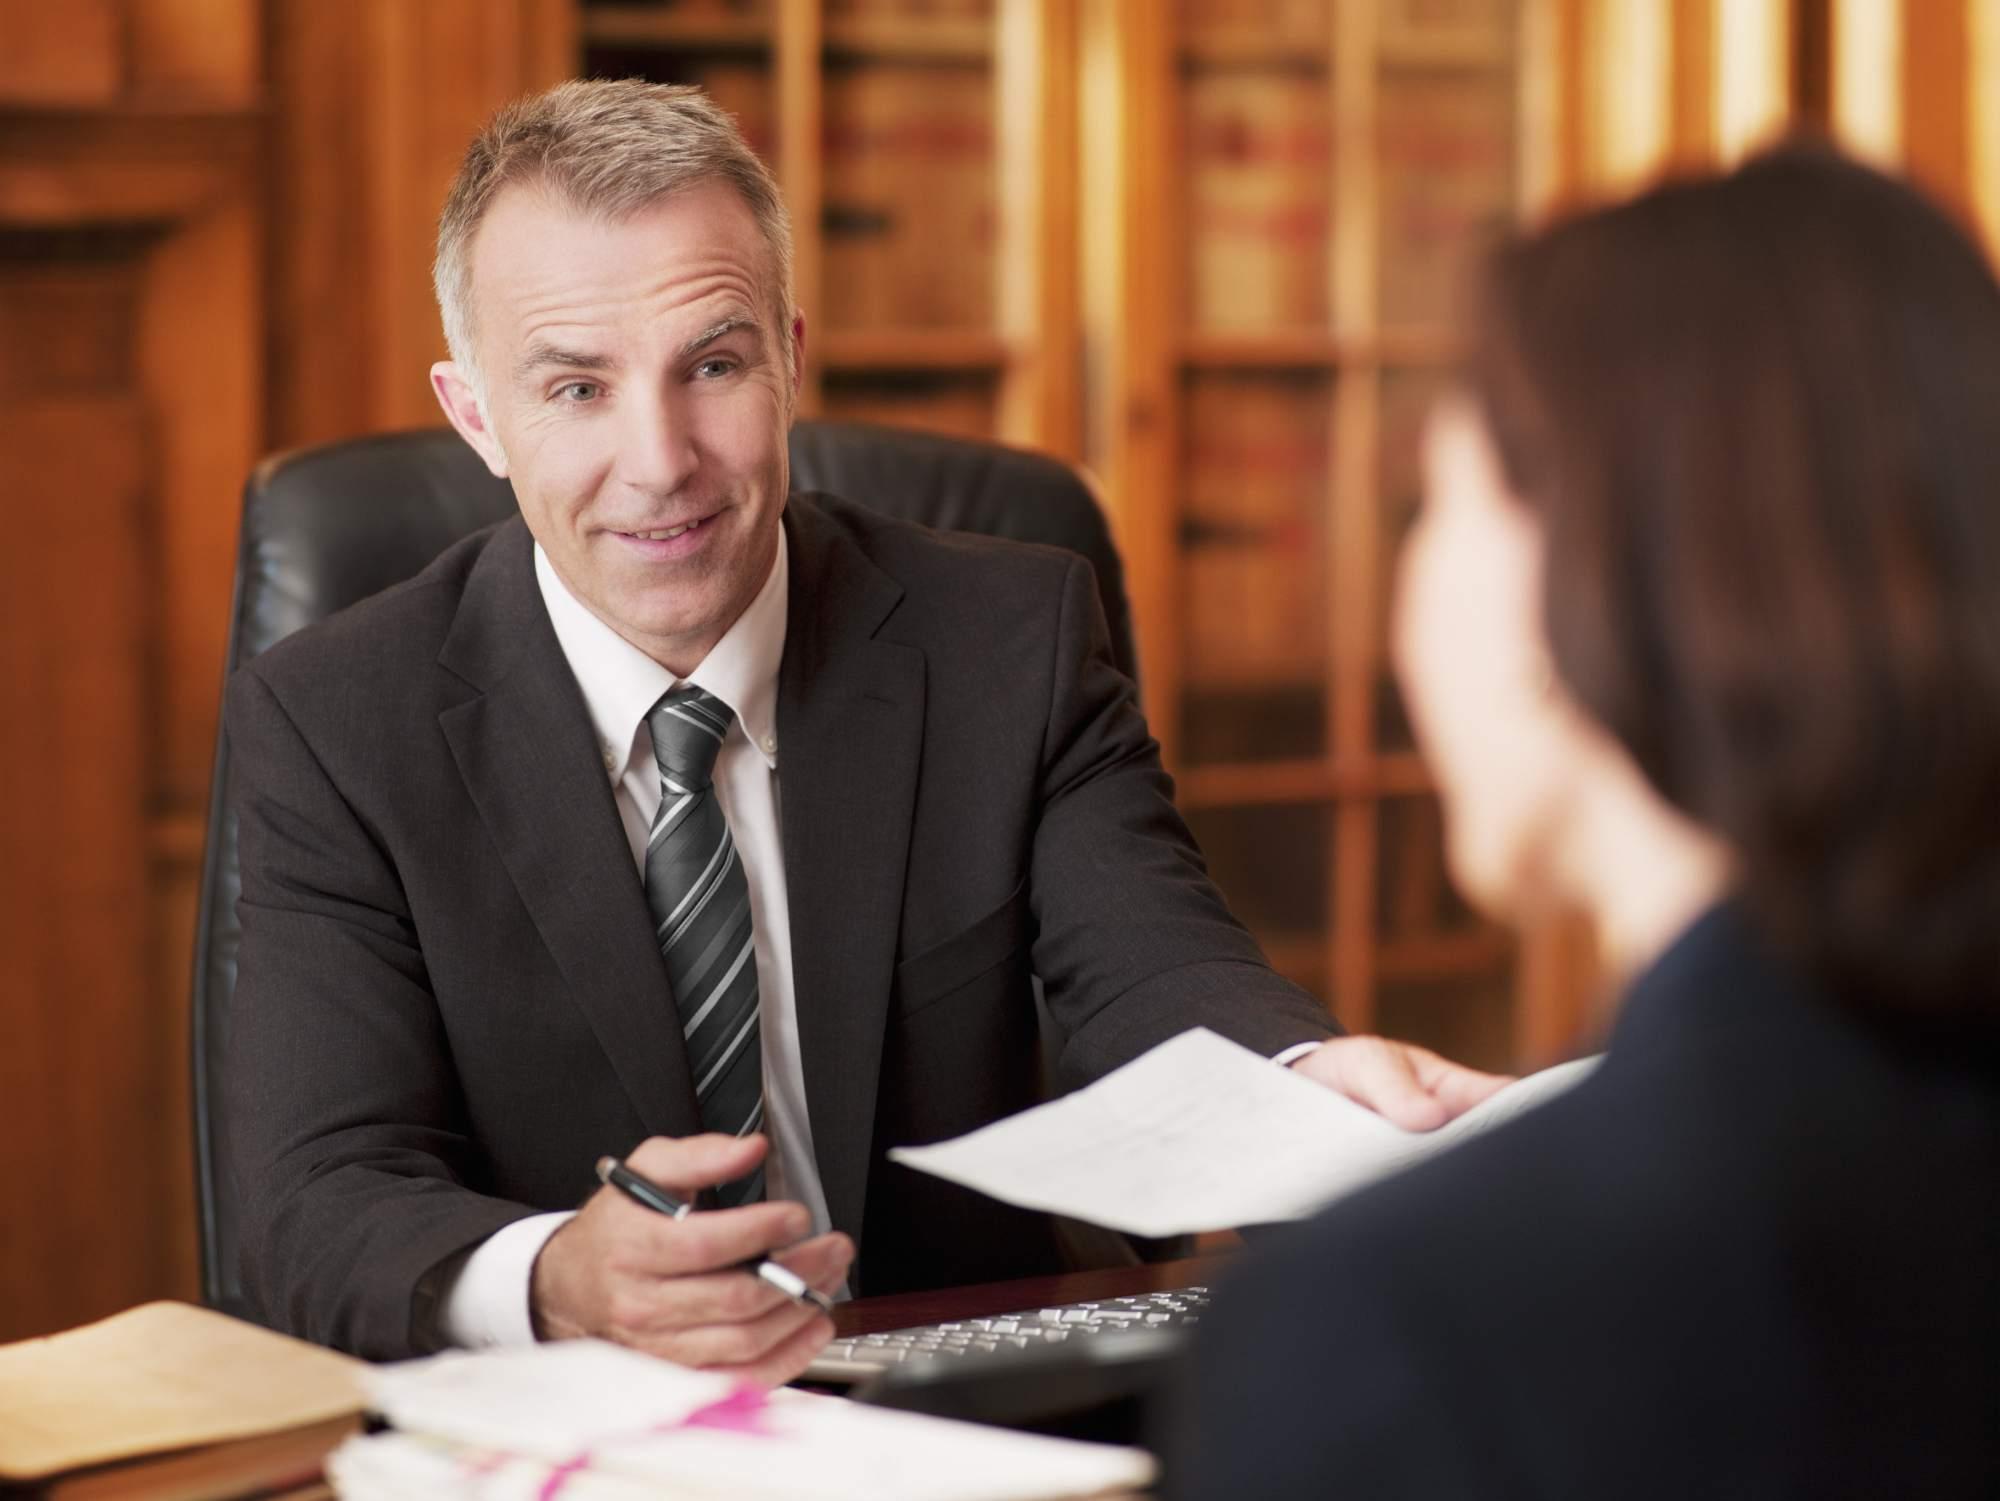 Consultar con abogado antes de enviar planillas para visa U